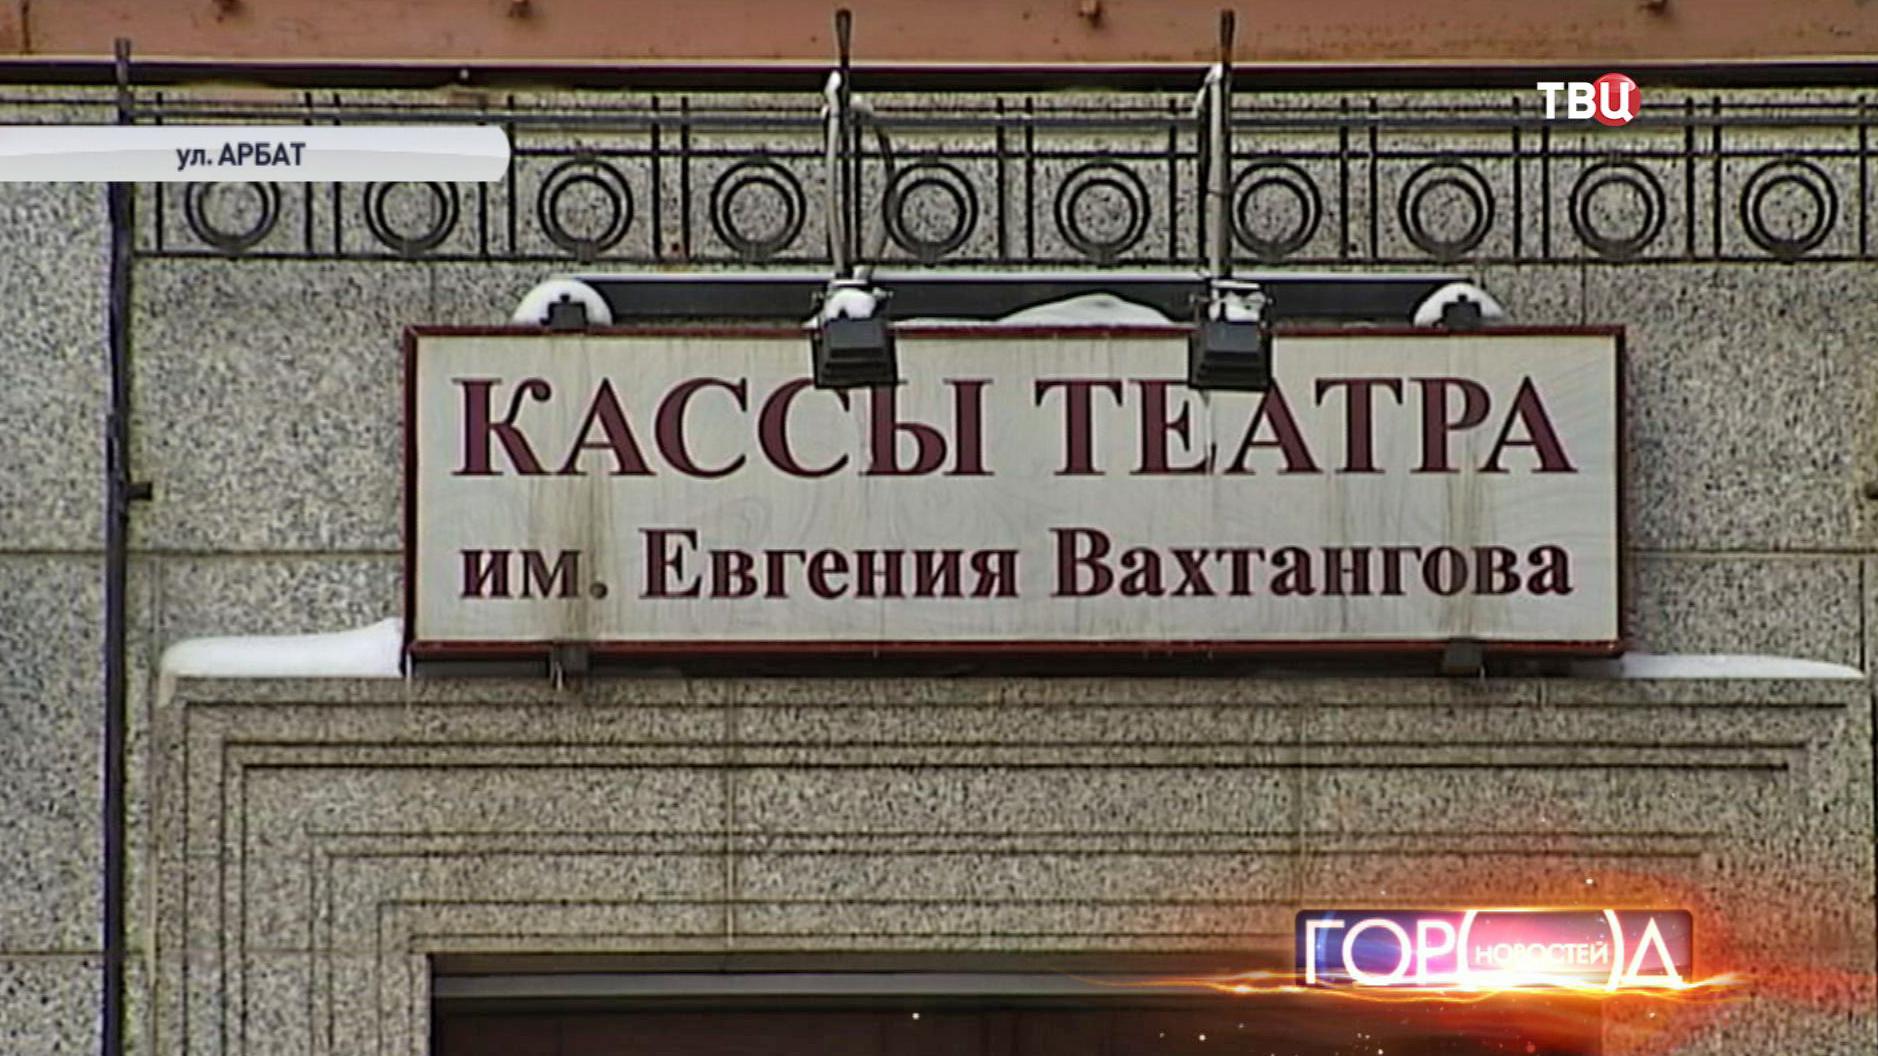 Кассы театра им. Евгения Вахтангова